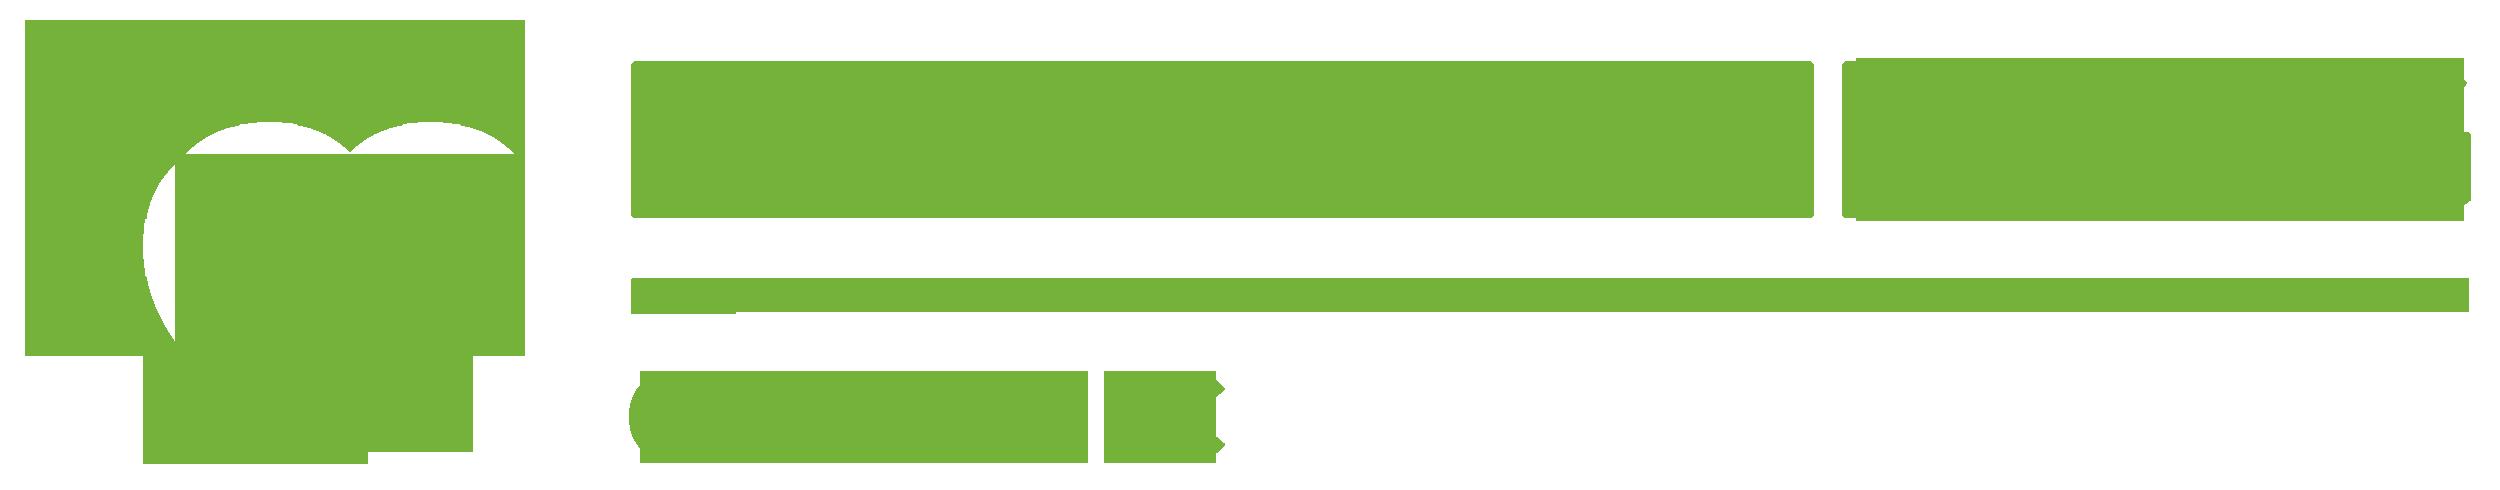 Vita Organic - Chăm sóc sức khỏe của bạn với tình yêu thương chân thành